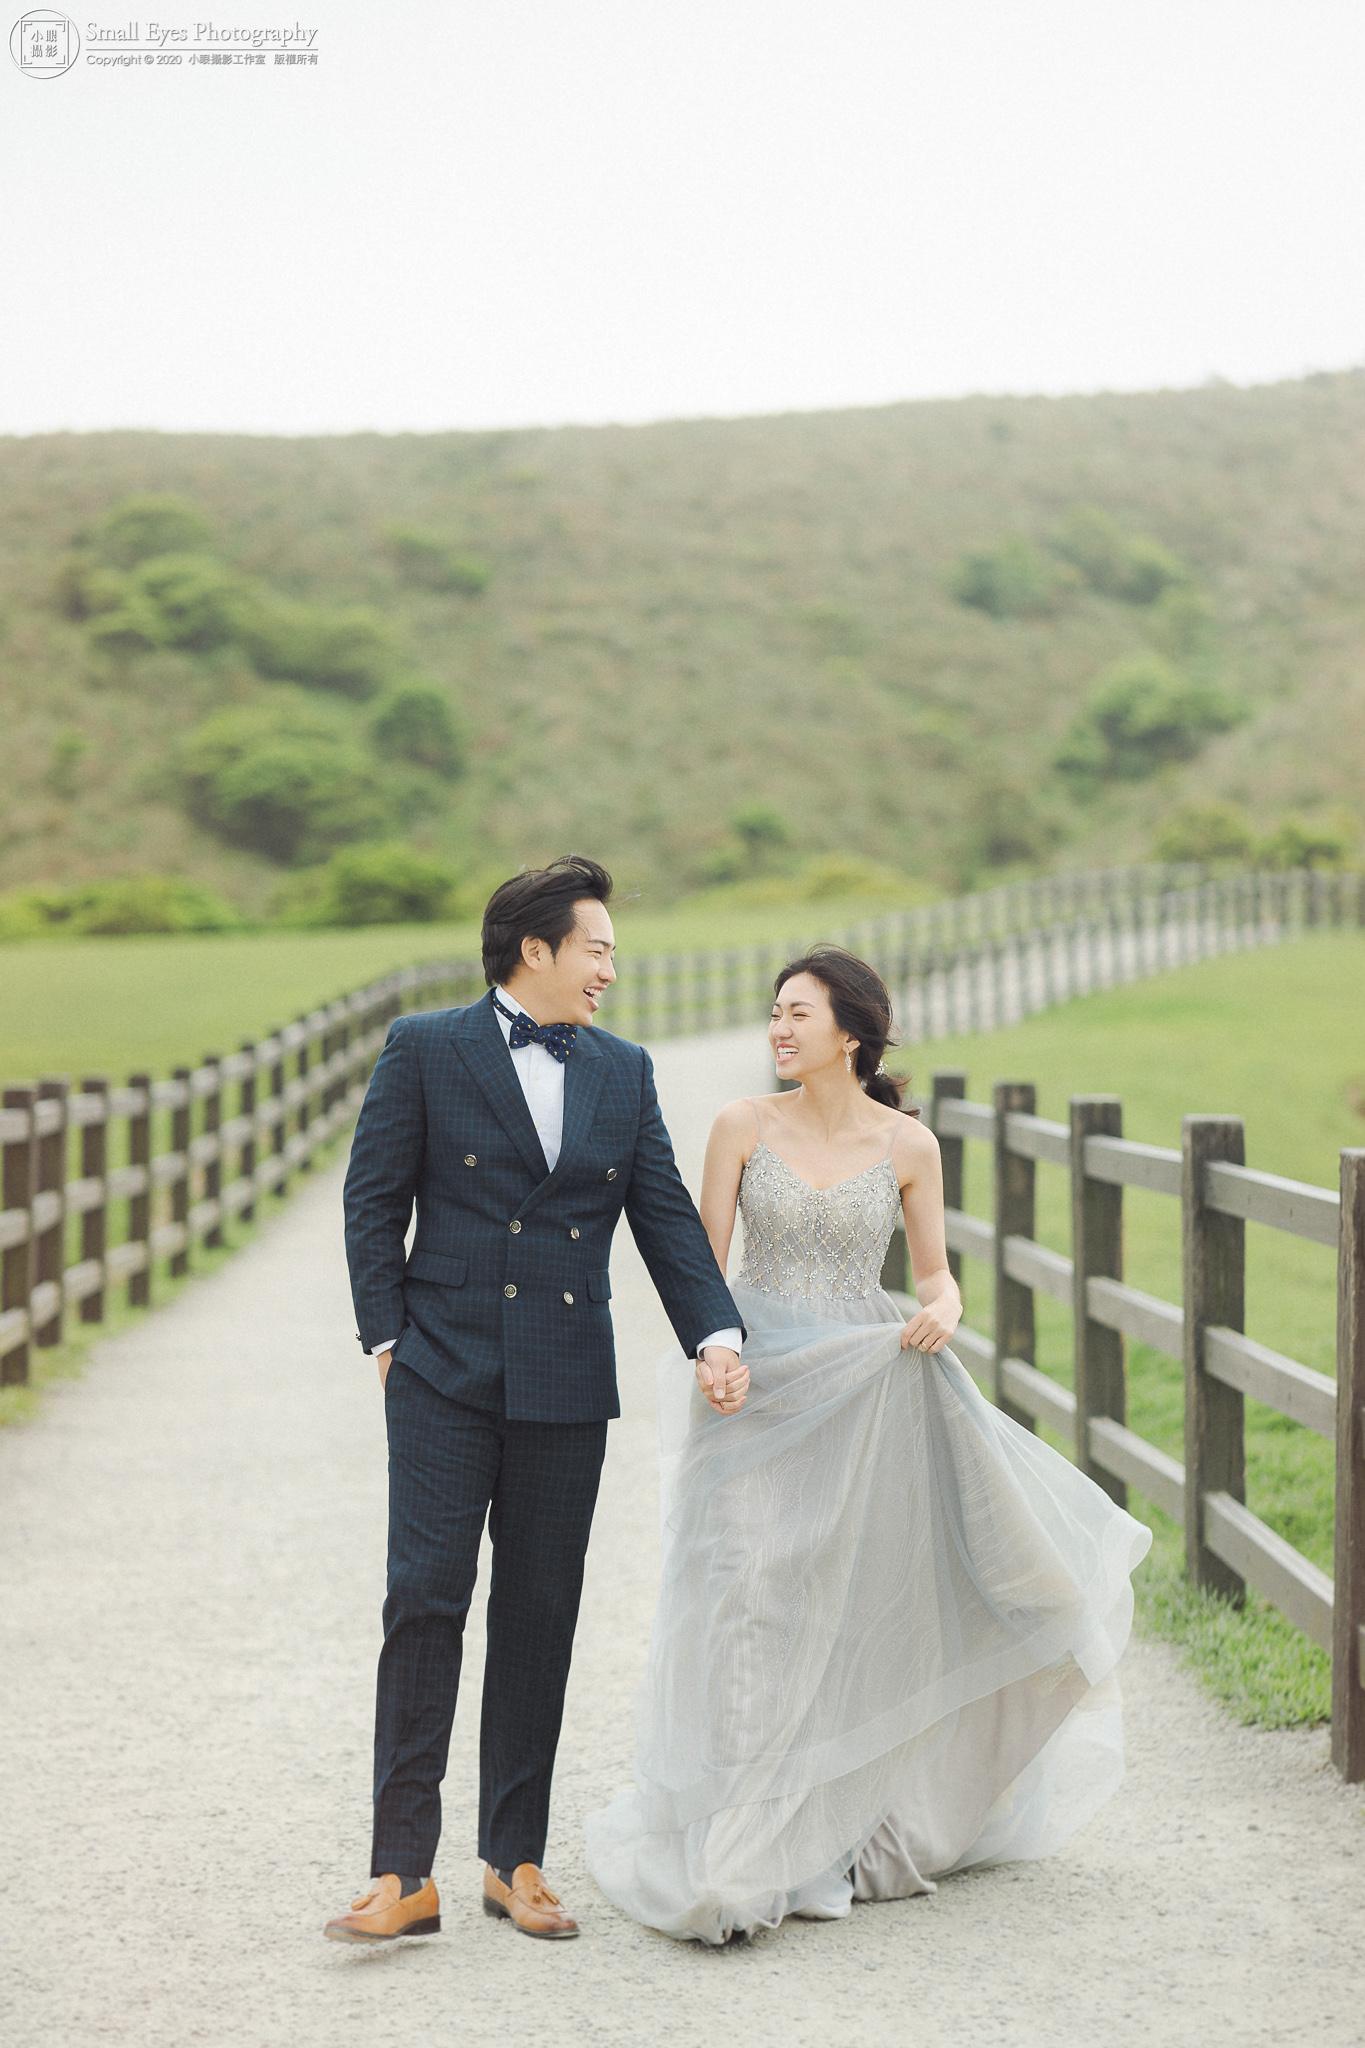 小眼攝影,婚紗攝影,婚攝,吉兒婚紗,新秘瓜瓜,自助婚紗,自主婚紗,台灣,台北,陽明山